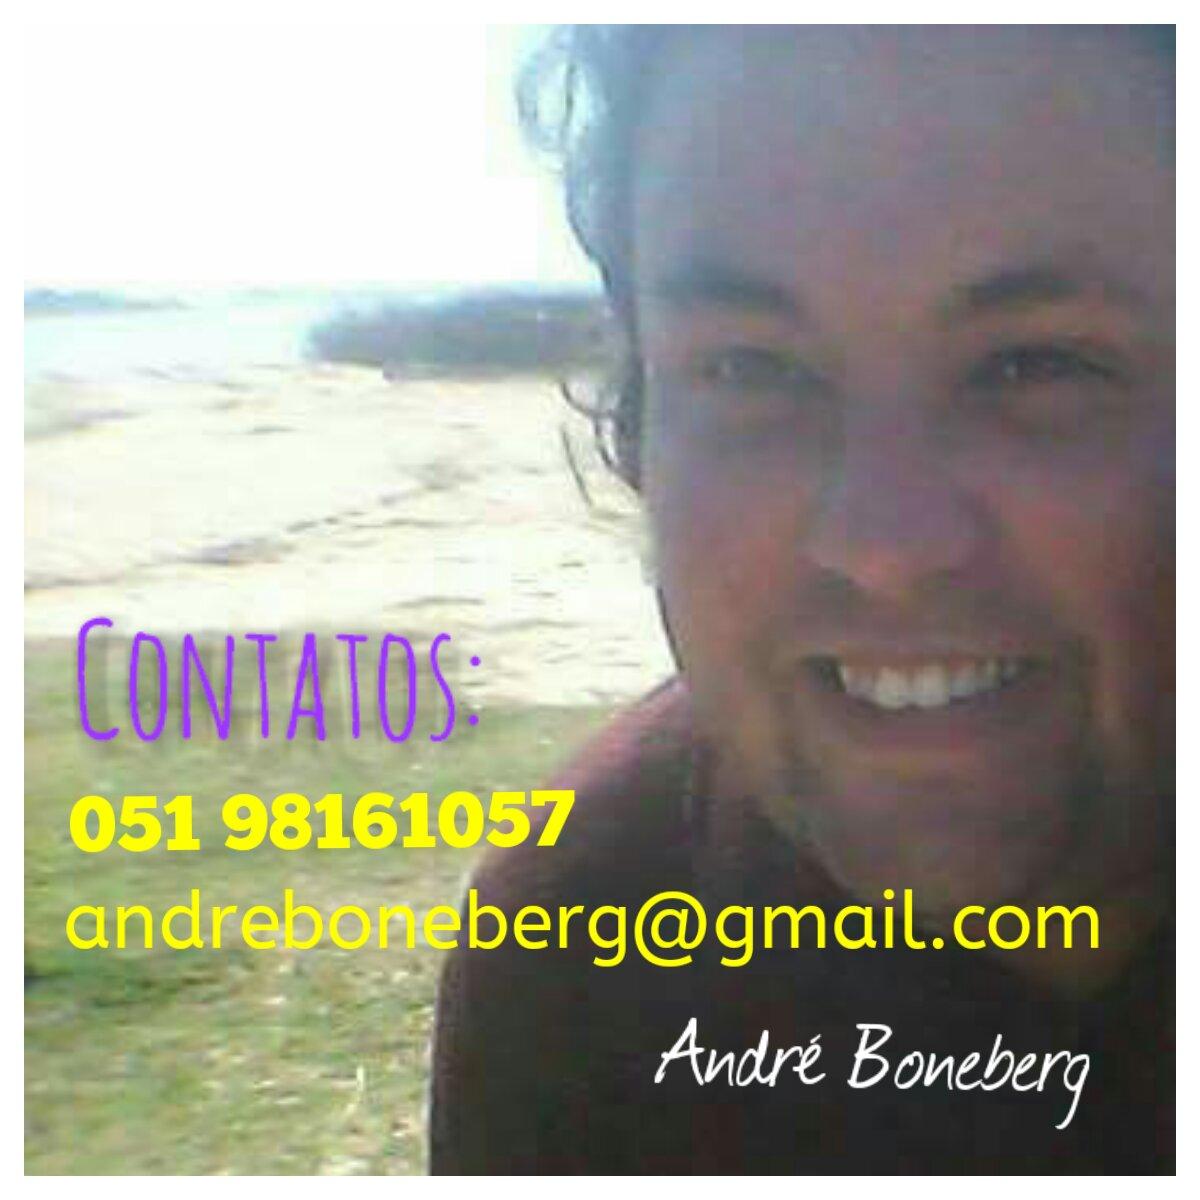 Quem é André Boneberg?